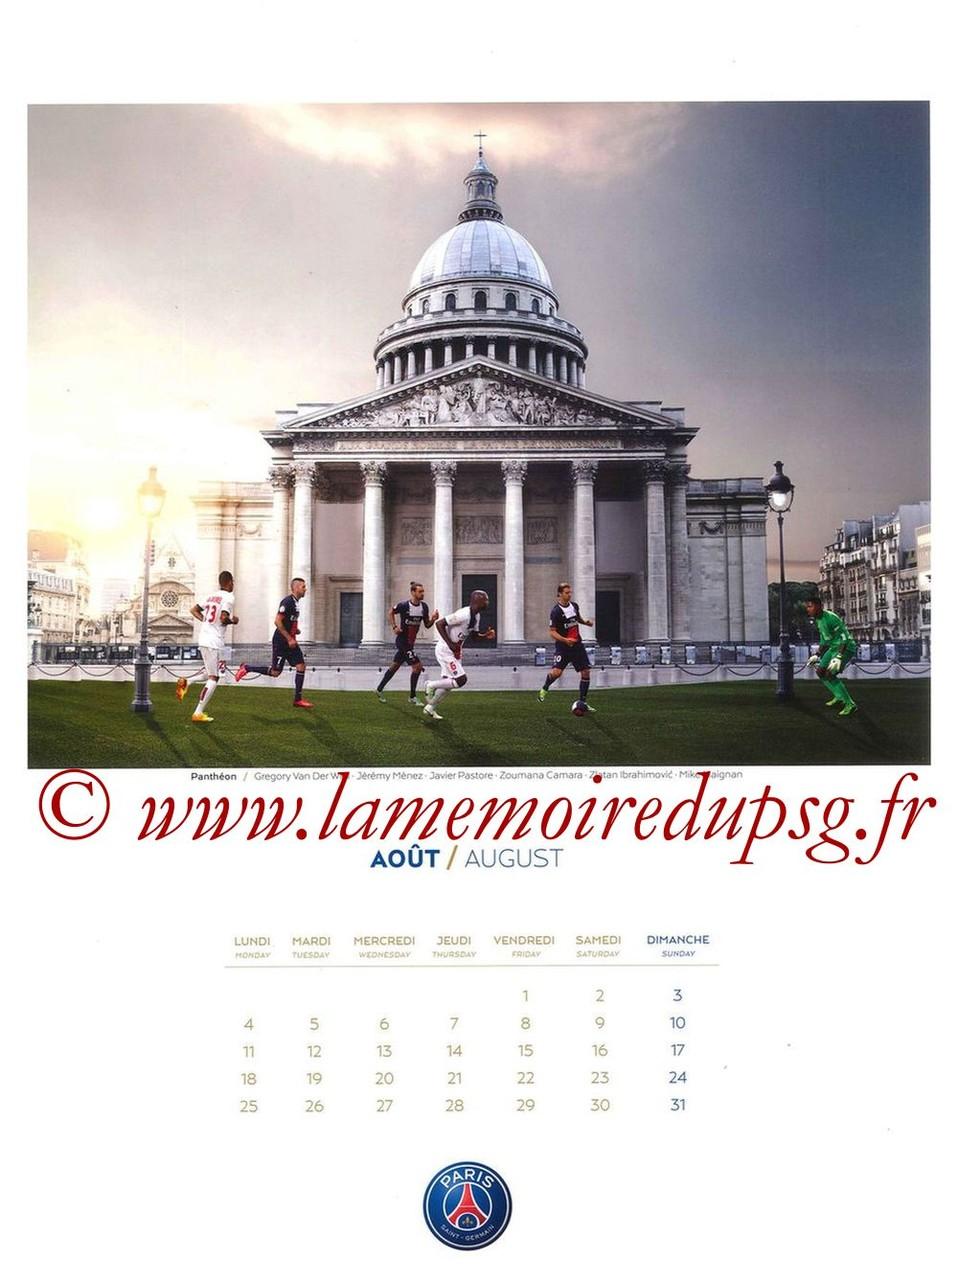 Calendrier PSG 2014 - Page 08 - Panthéon